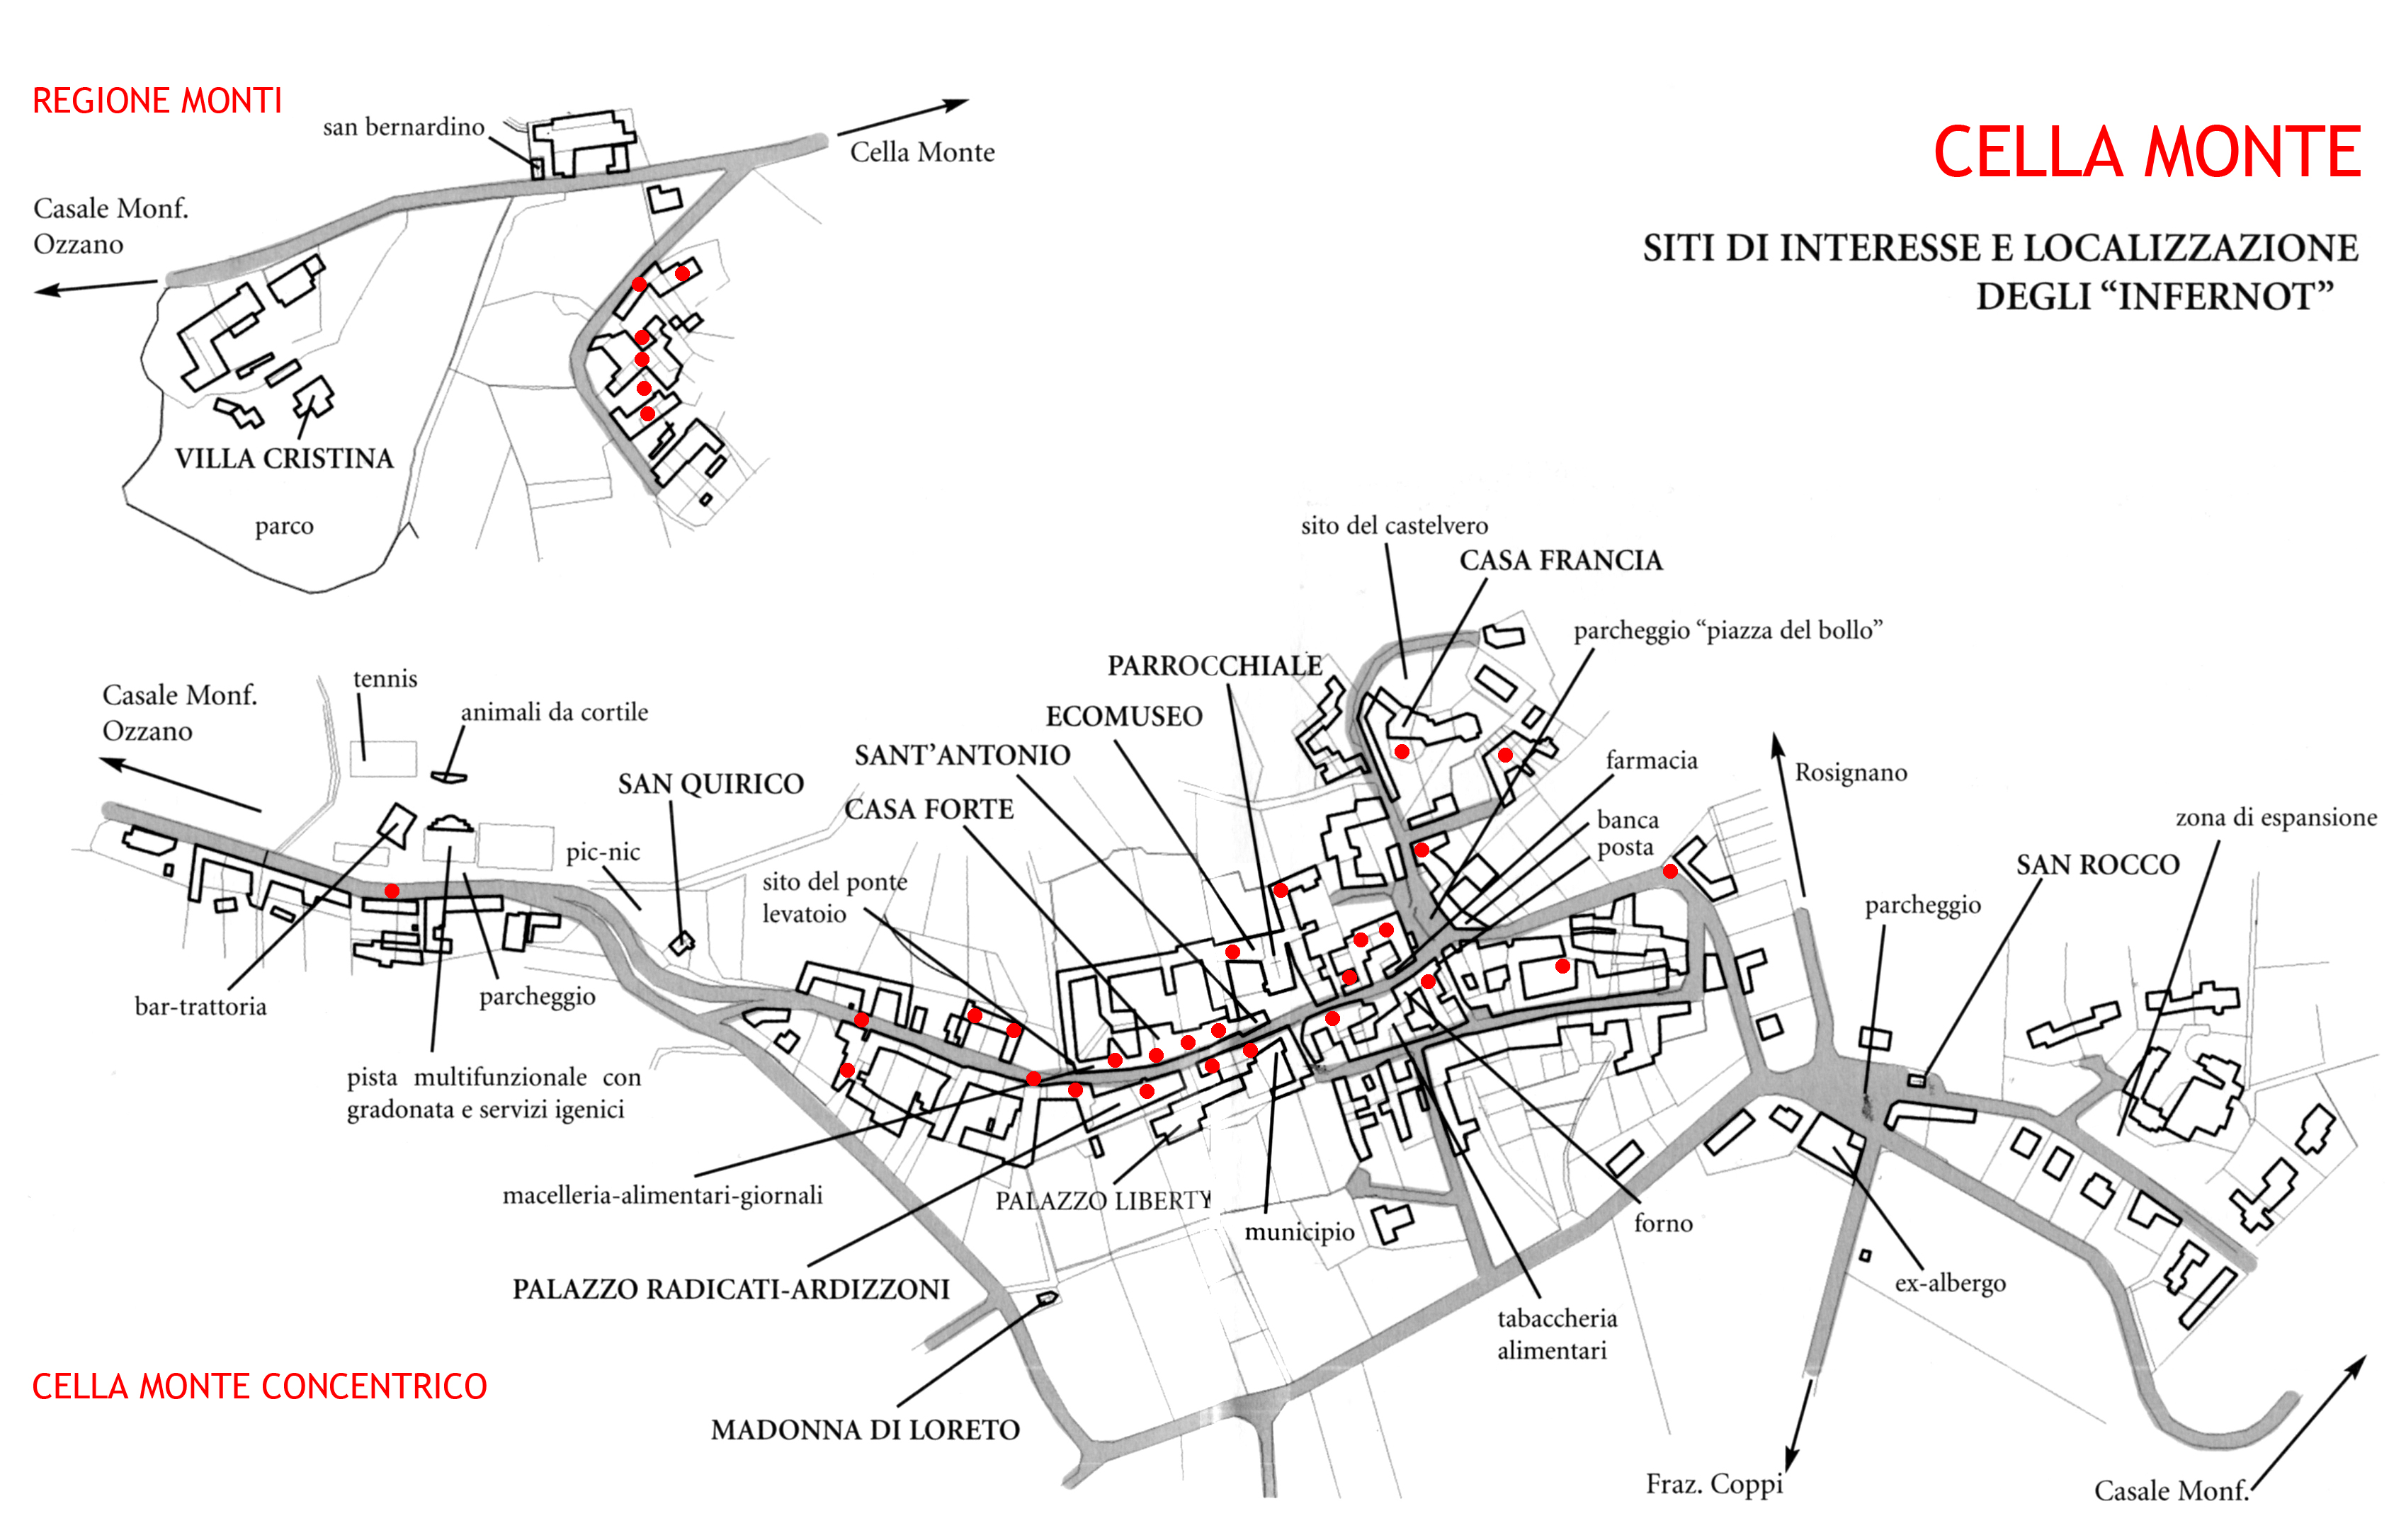 Mappa degli Infernot presenti a Cella Monte